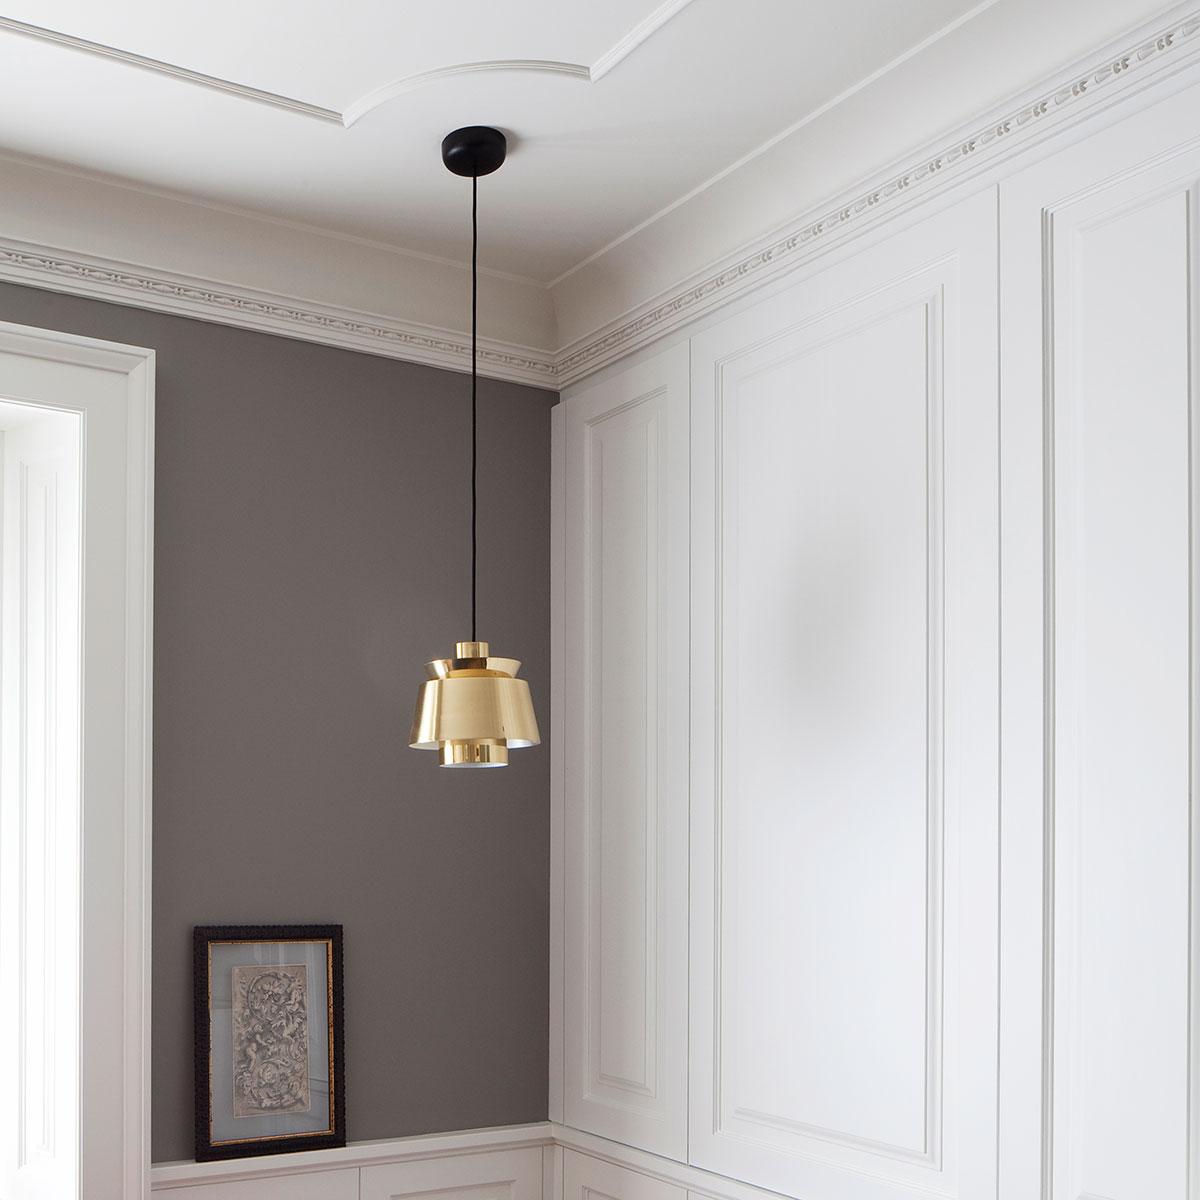 kickoffice casa dgr light lamp brass utzon suspension